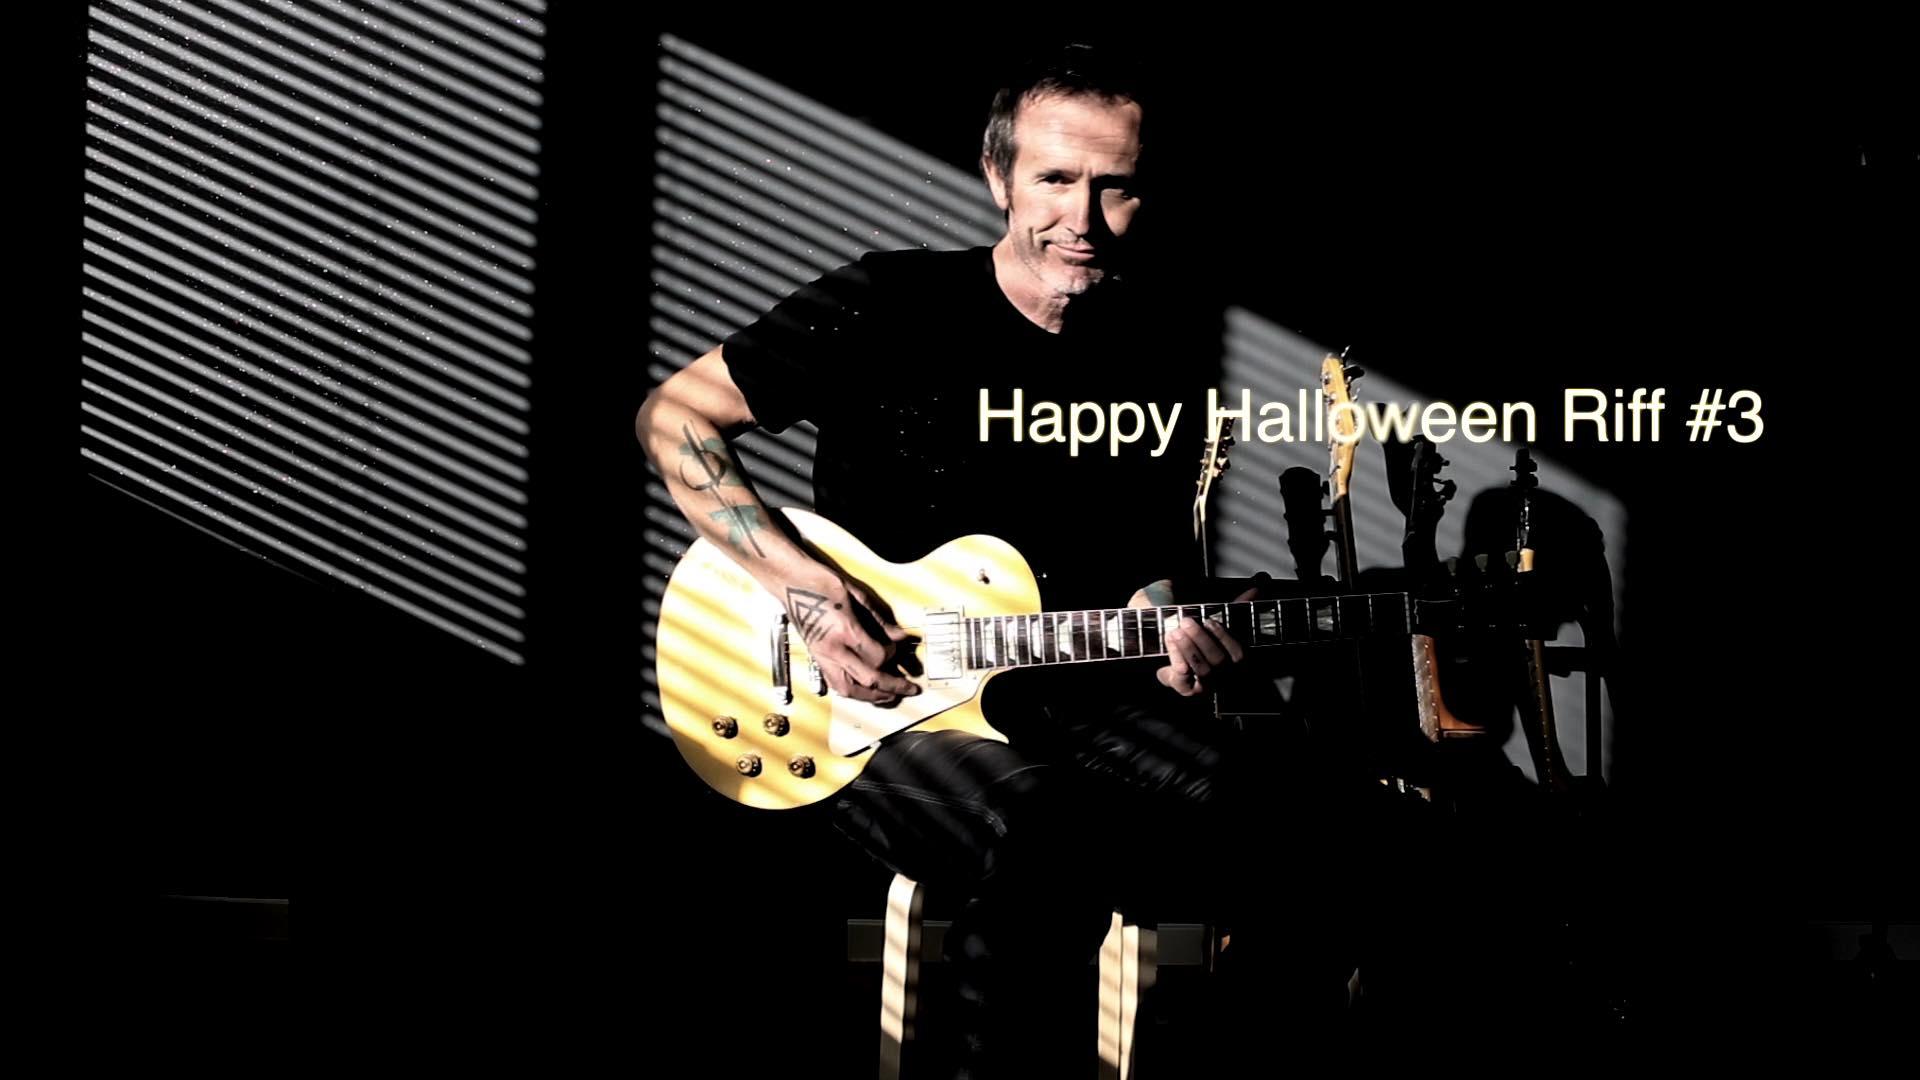 Happy Halloween Riff #3